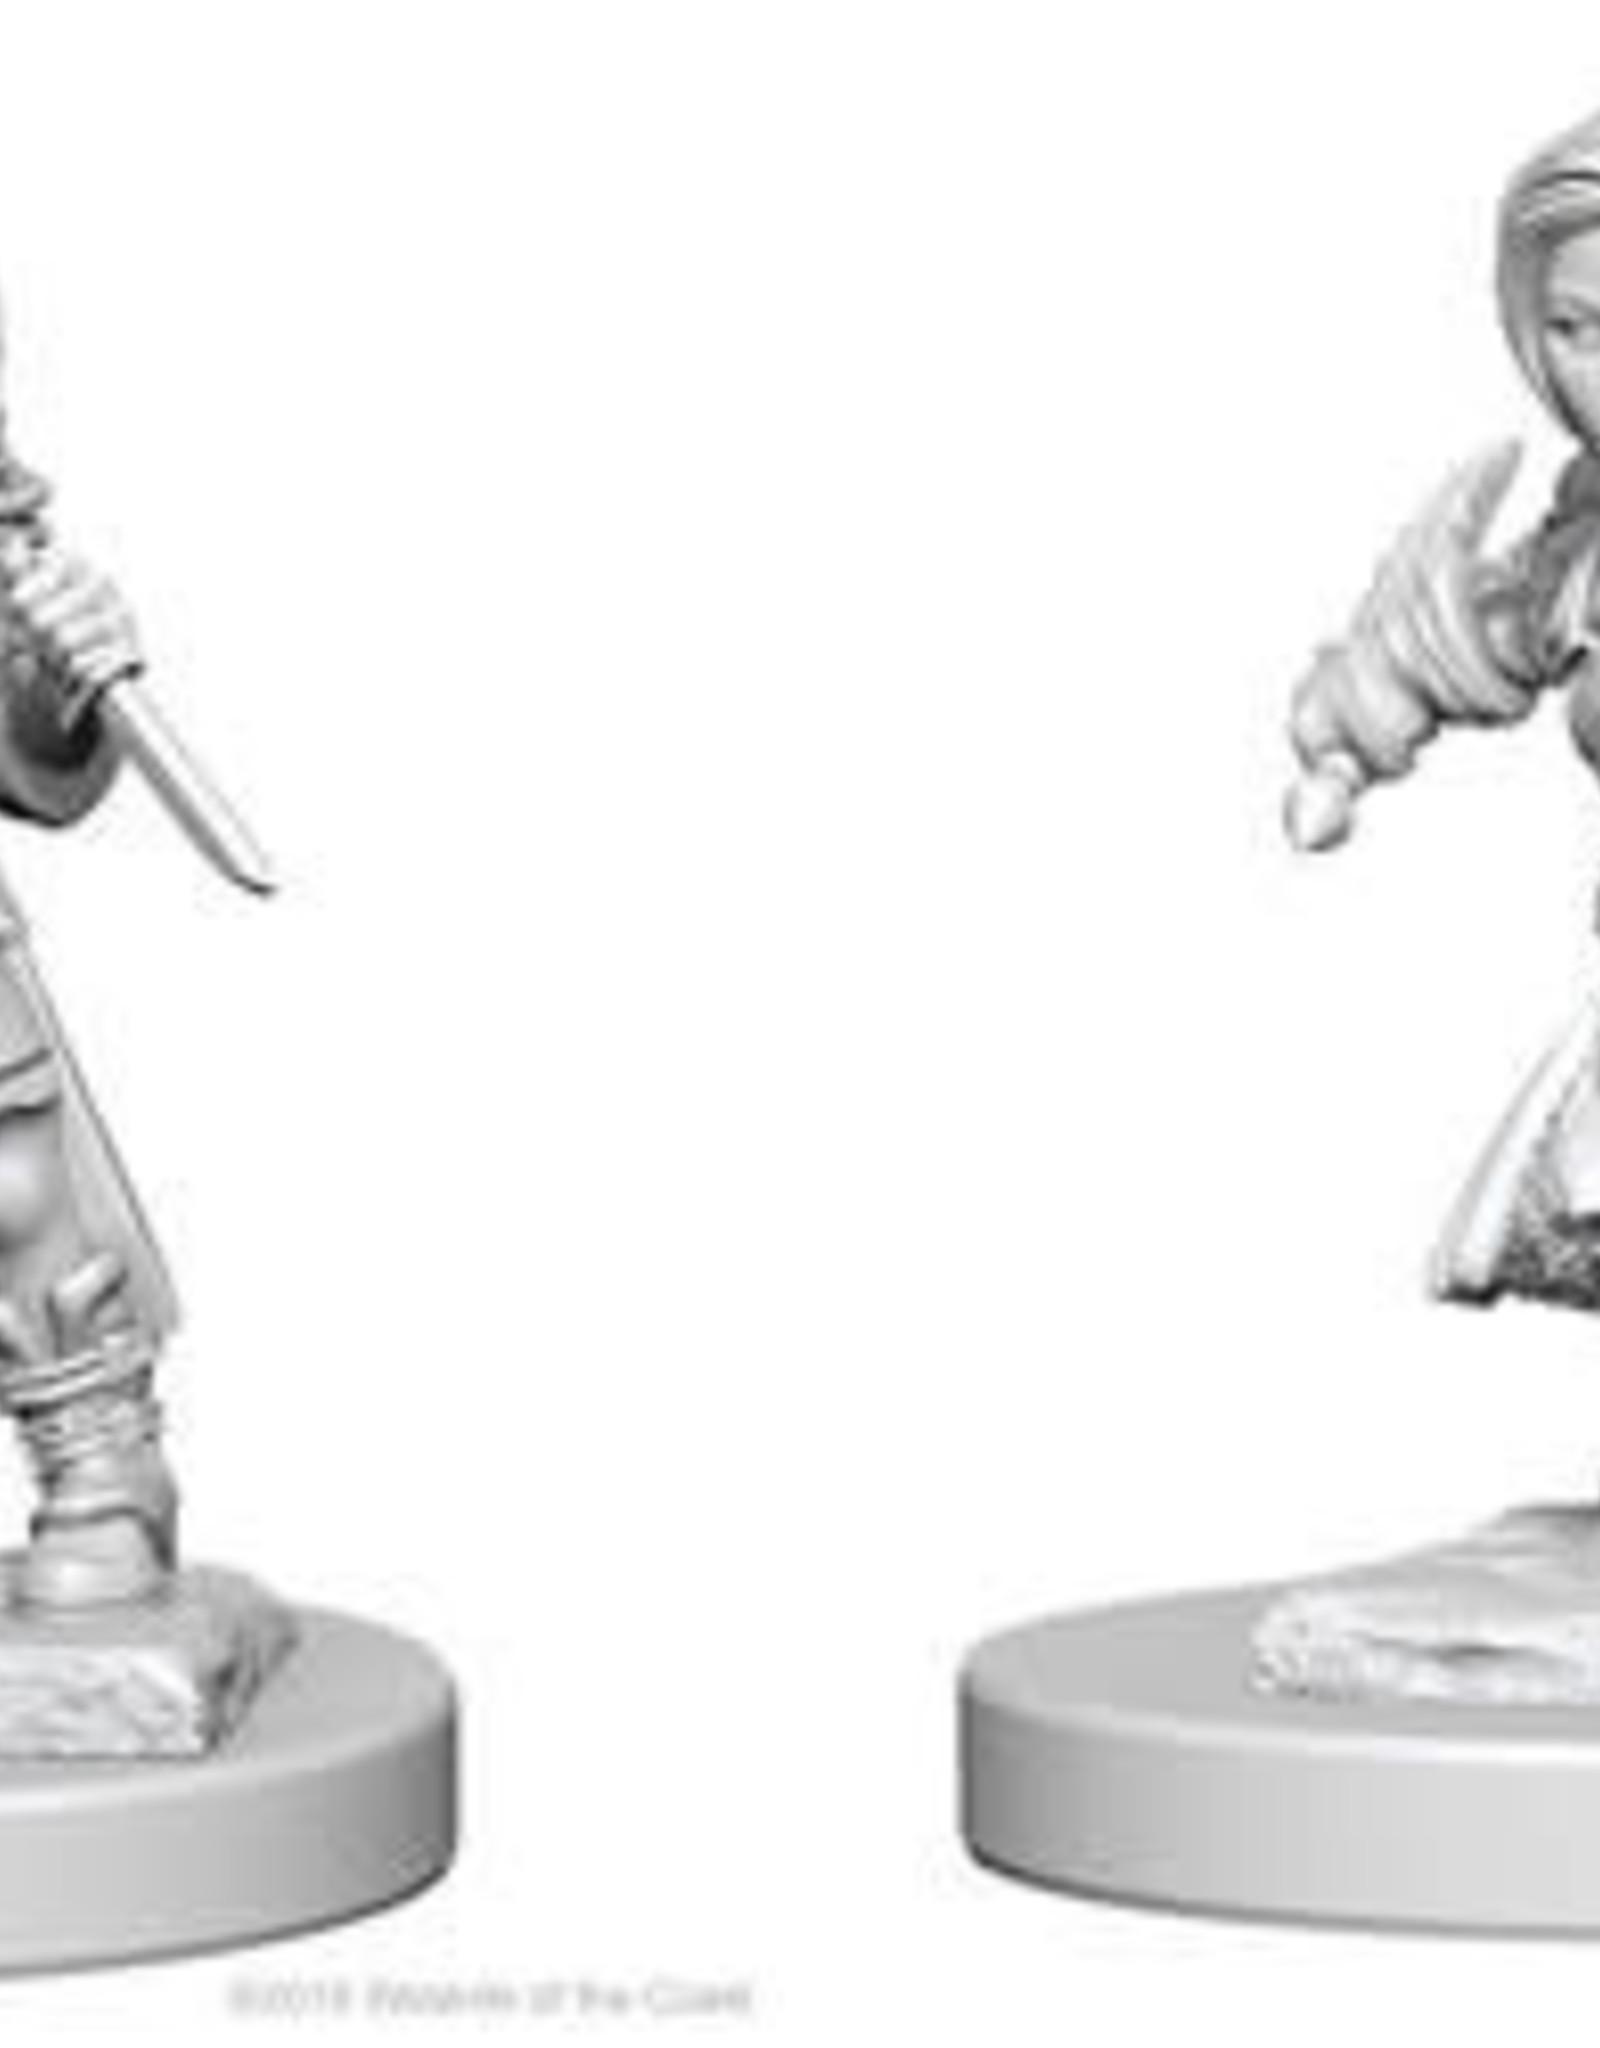 WizKids D&D Nolzur Halfling Rogue (She/Her/They/Them)